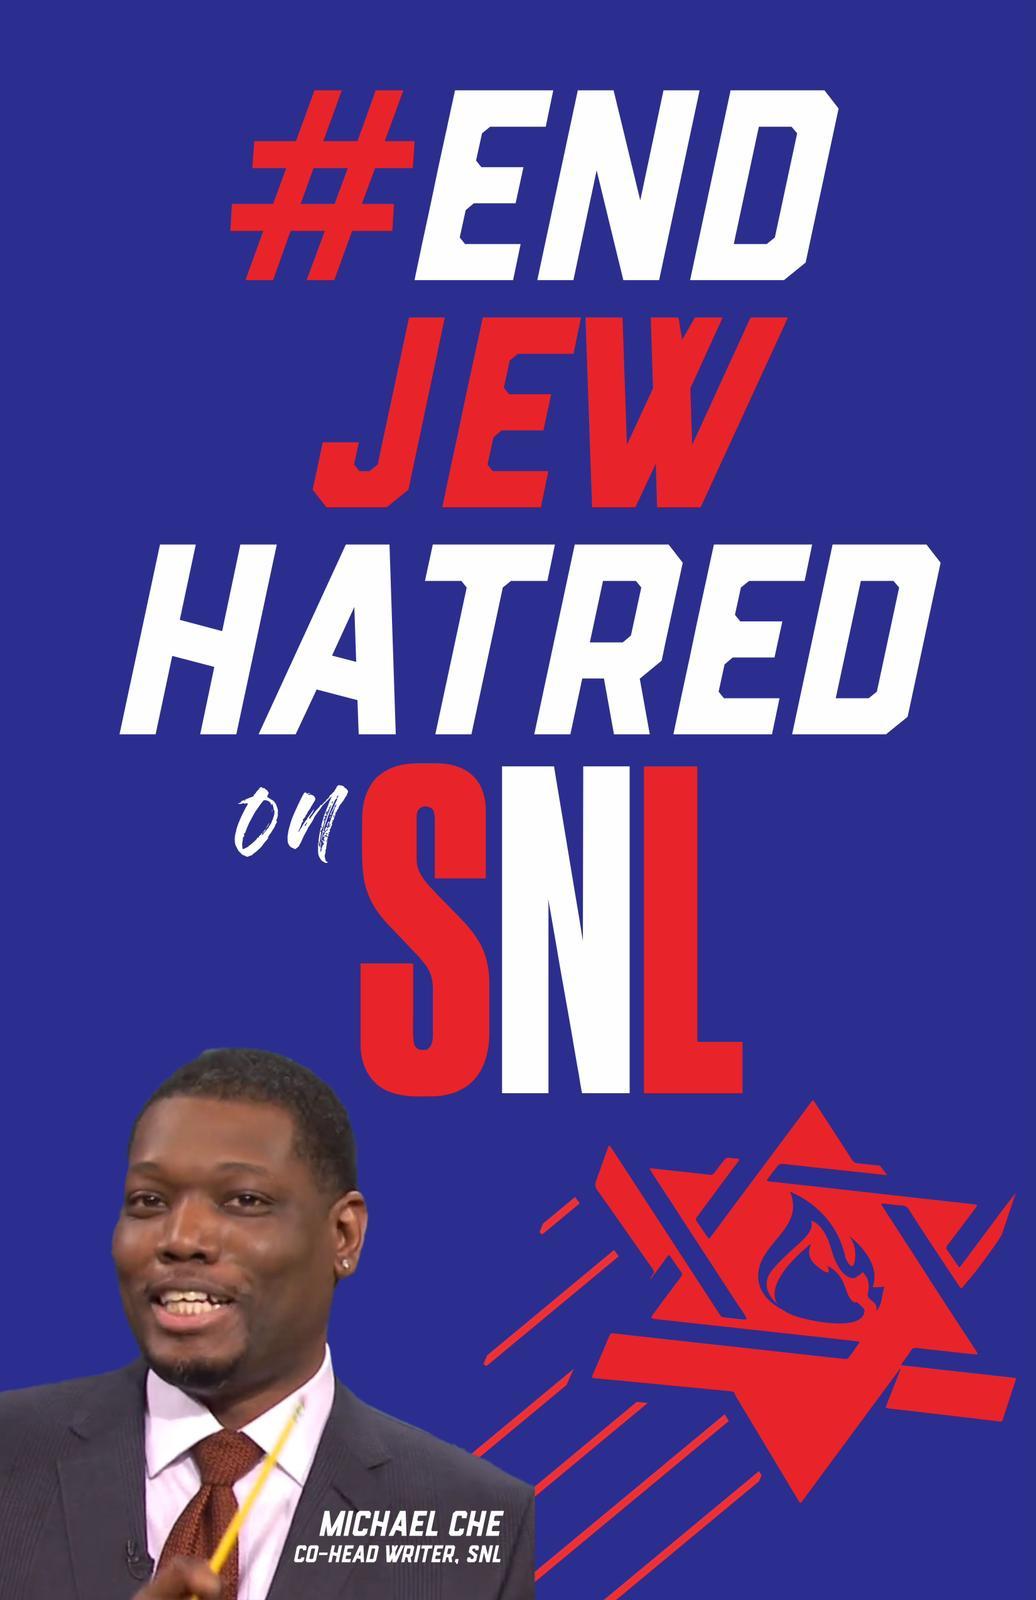 SNL: Stop Jew-hatred